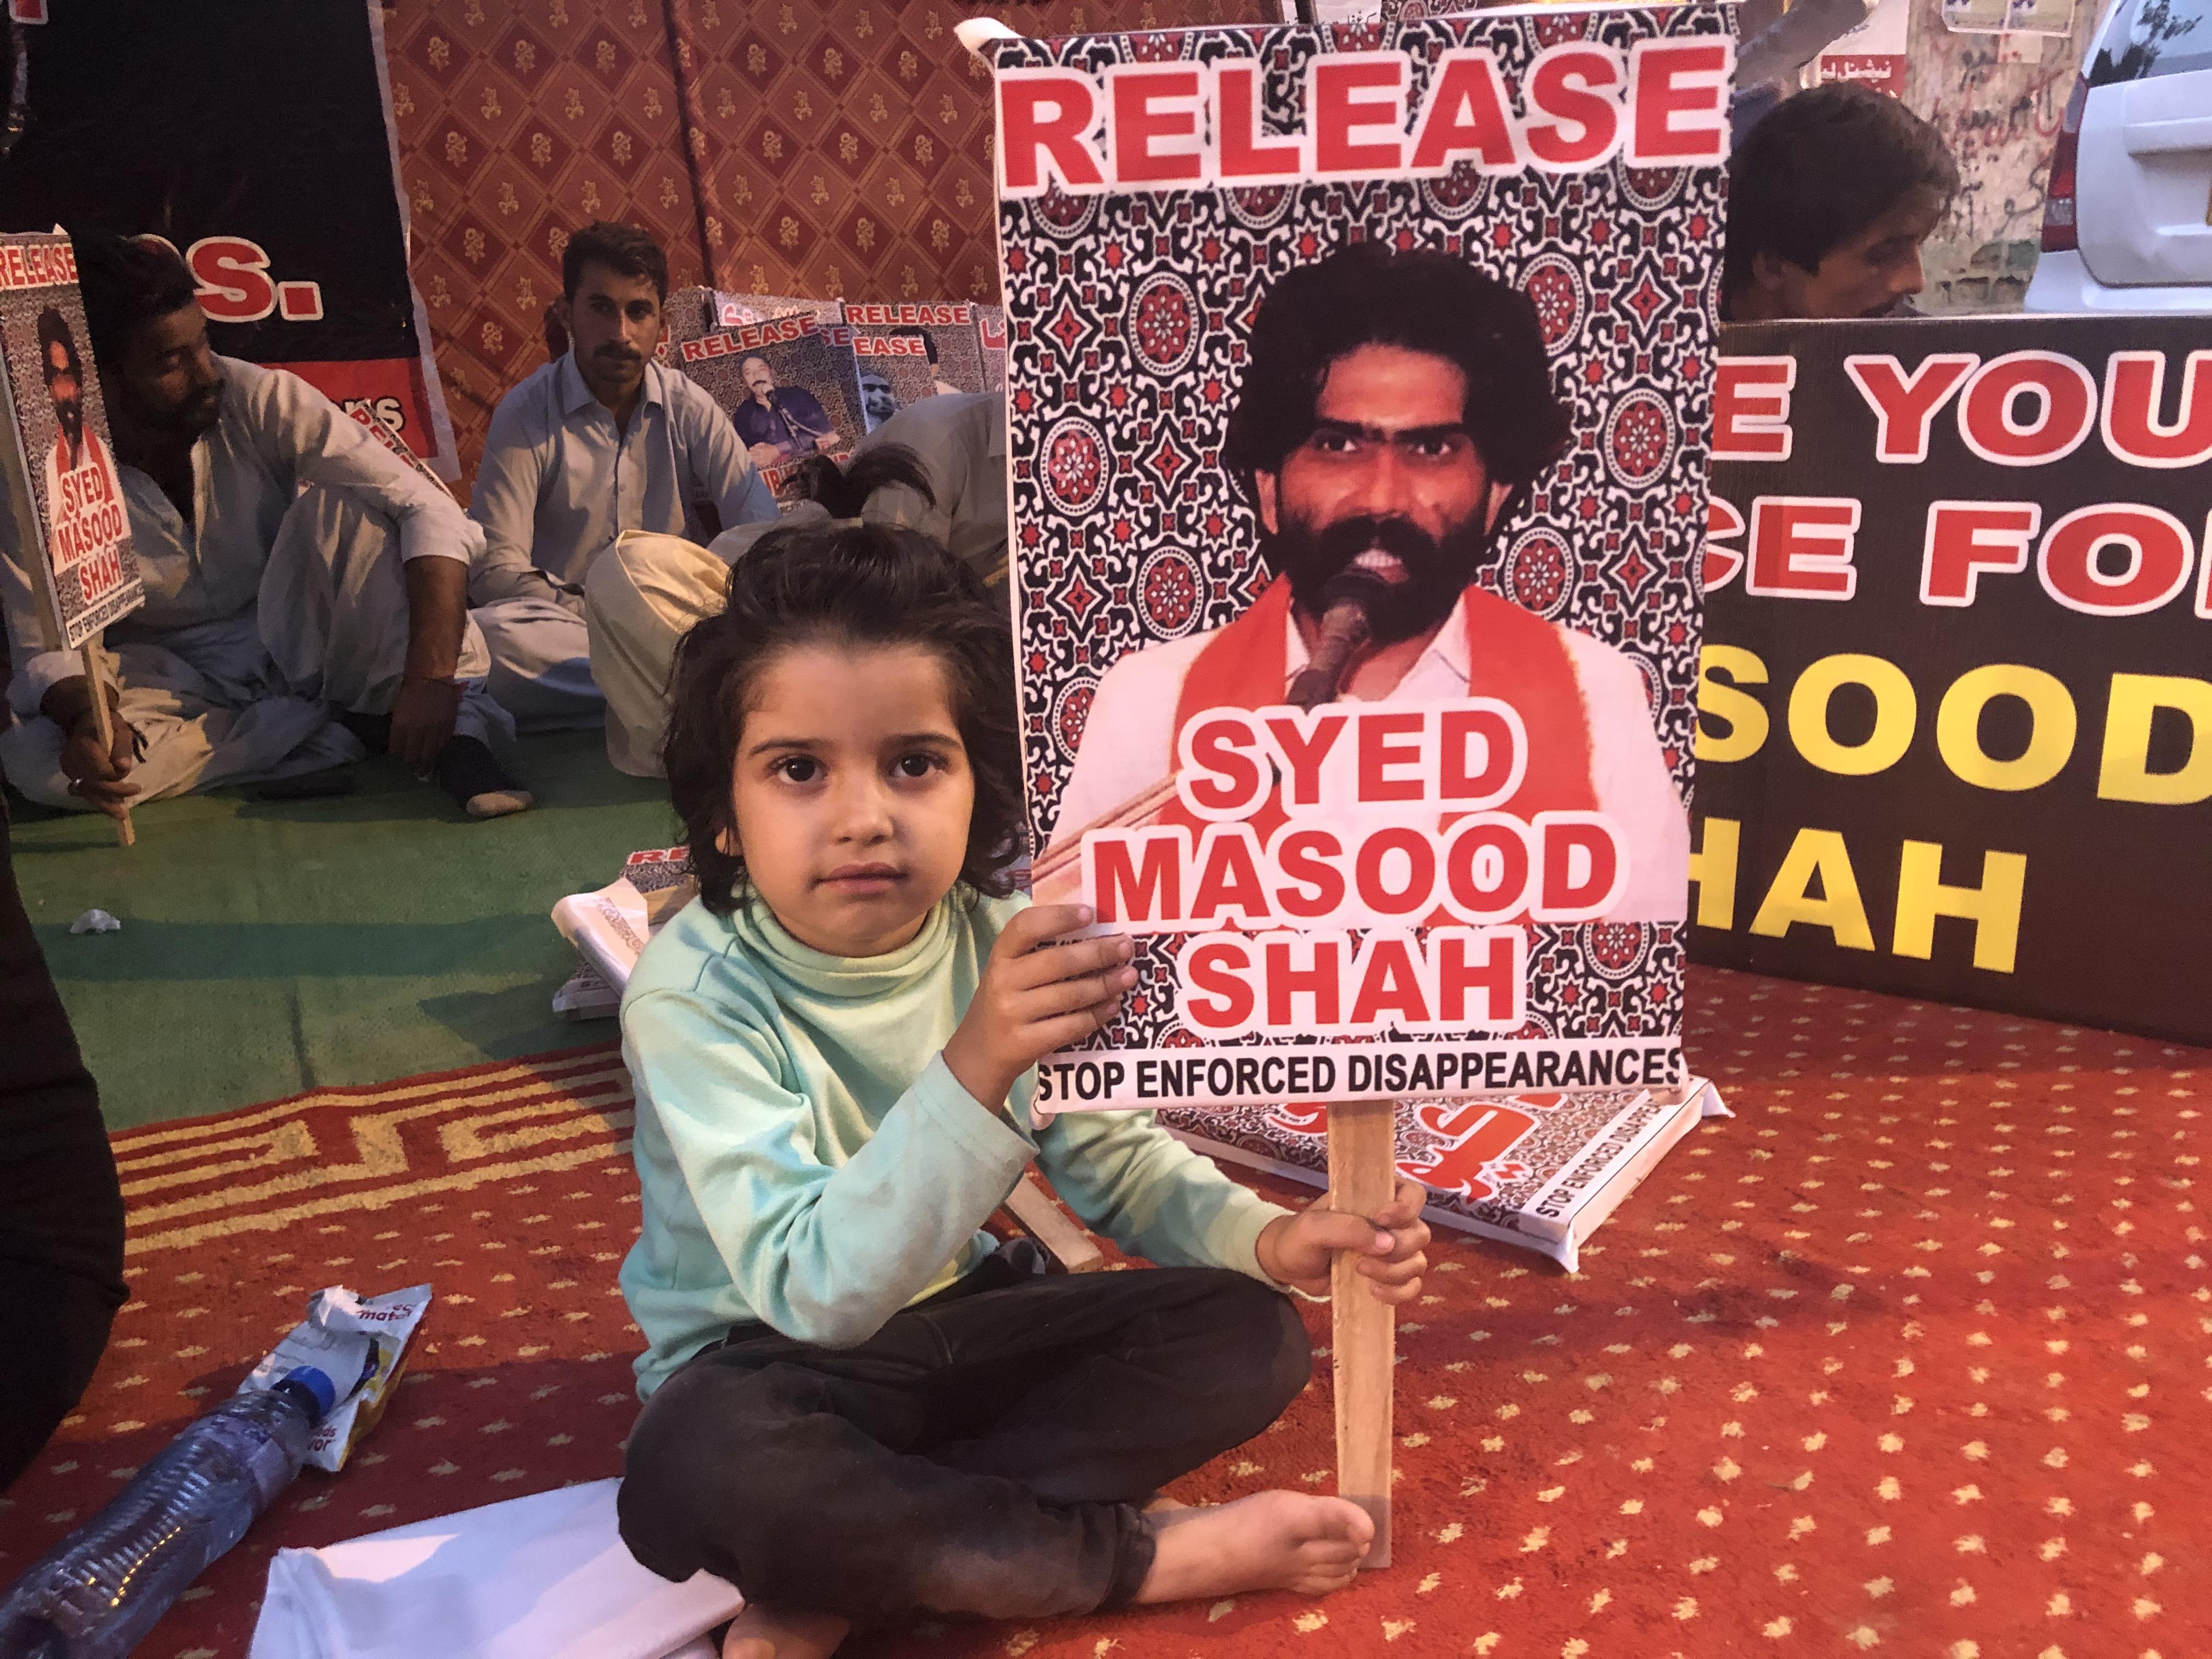 مسعود شاہ کے اہل خانہ بھی احتجاجی کیمپ میں شامل ہوئے (امر گروڑو)